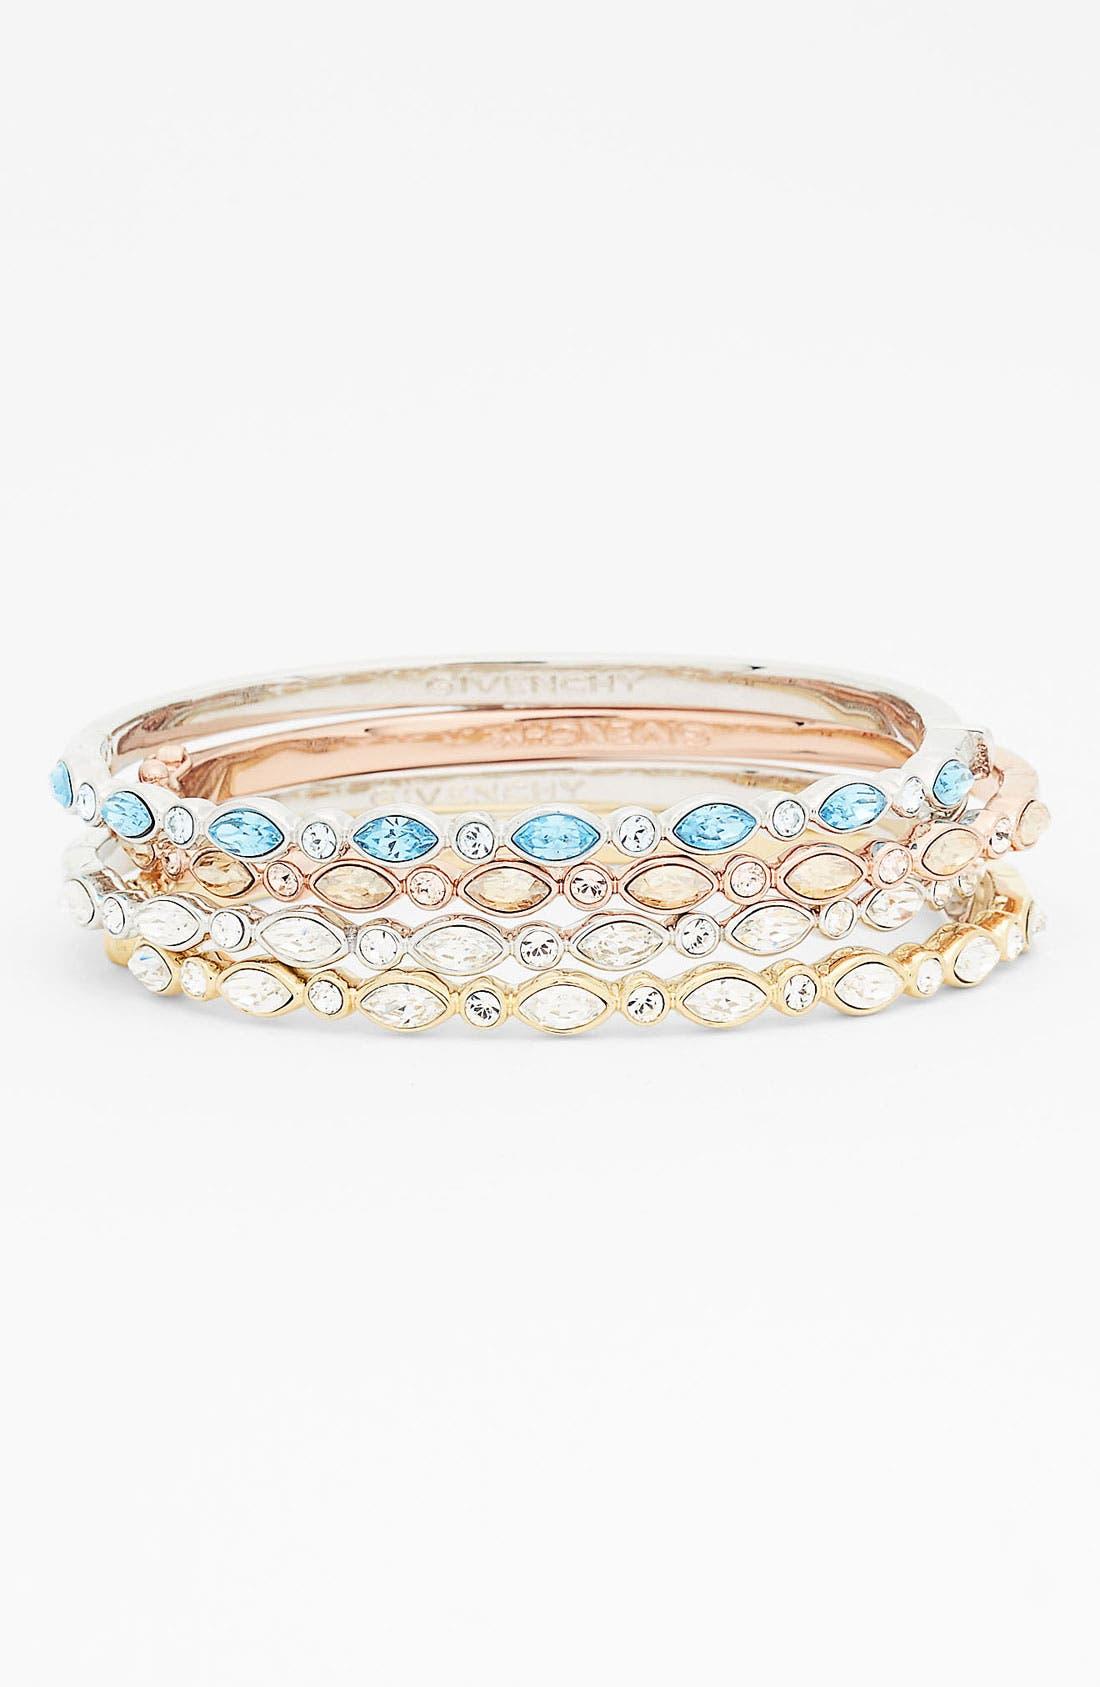 Main Image - Givenchy Crystal Bangle